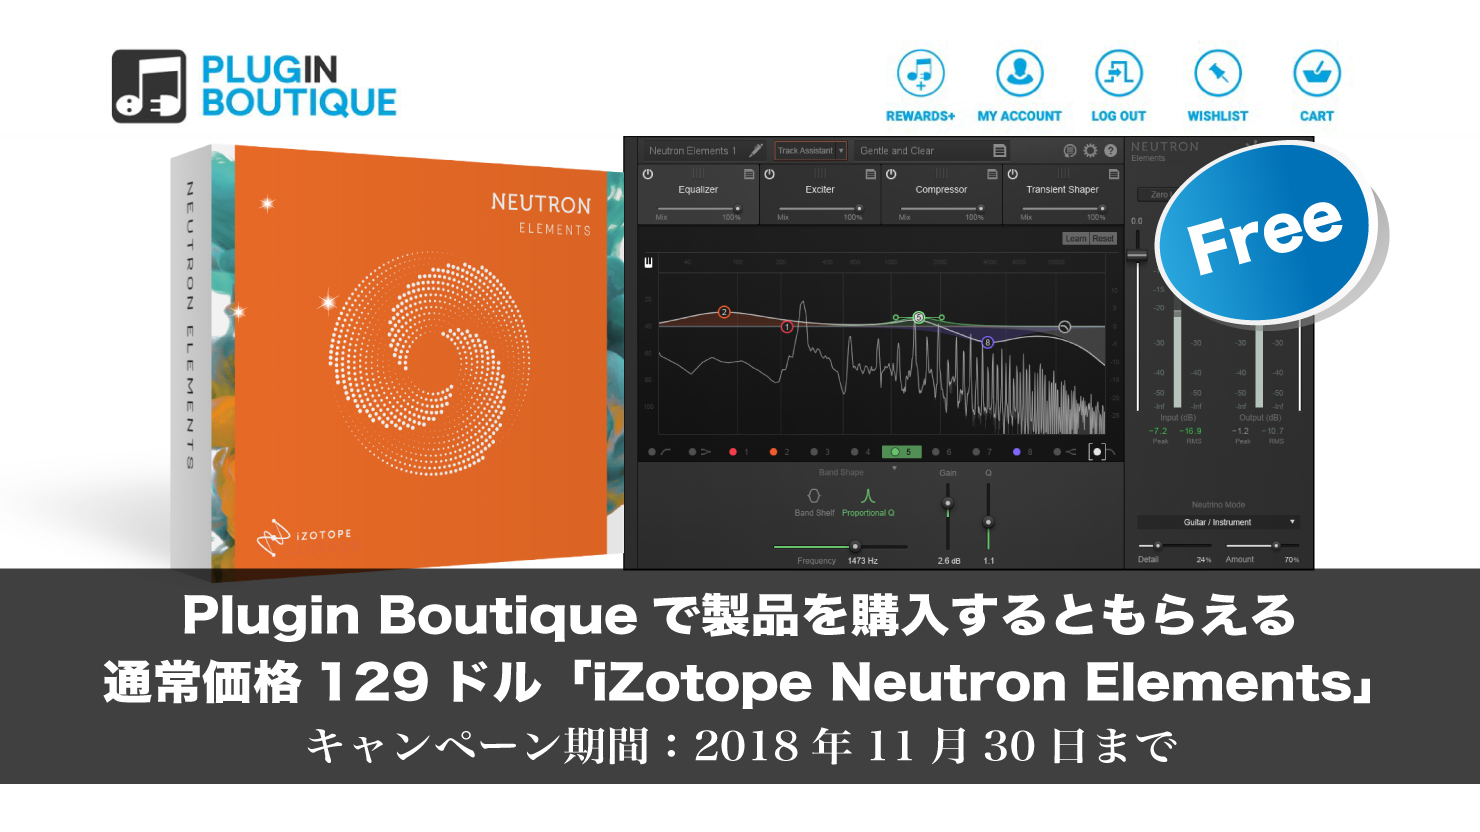 通常価格129ドル plugin boutiqueで製品を購入するともらえる izotope